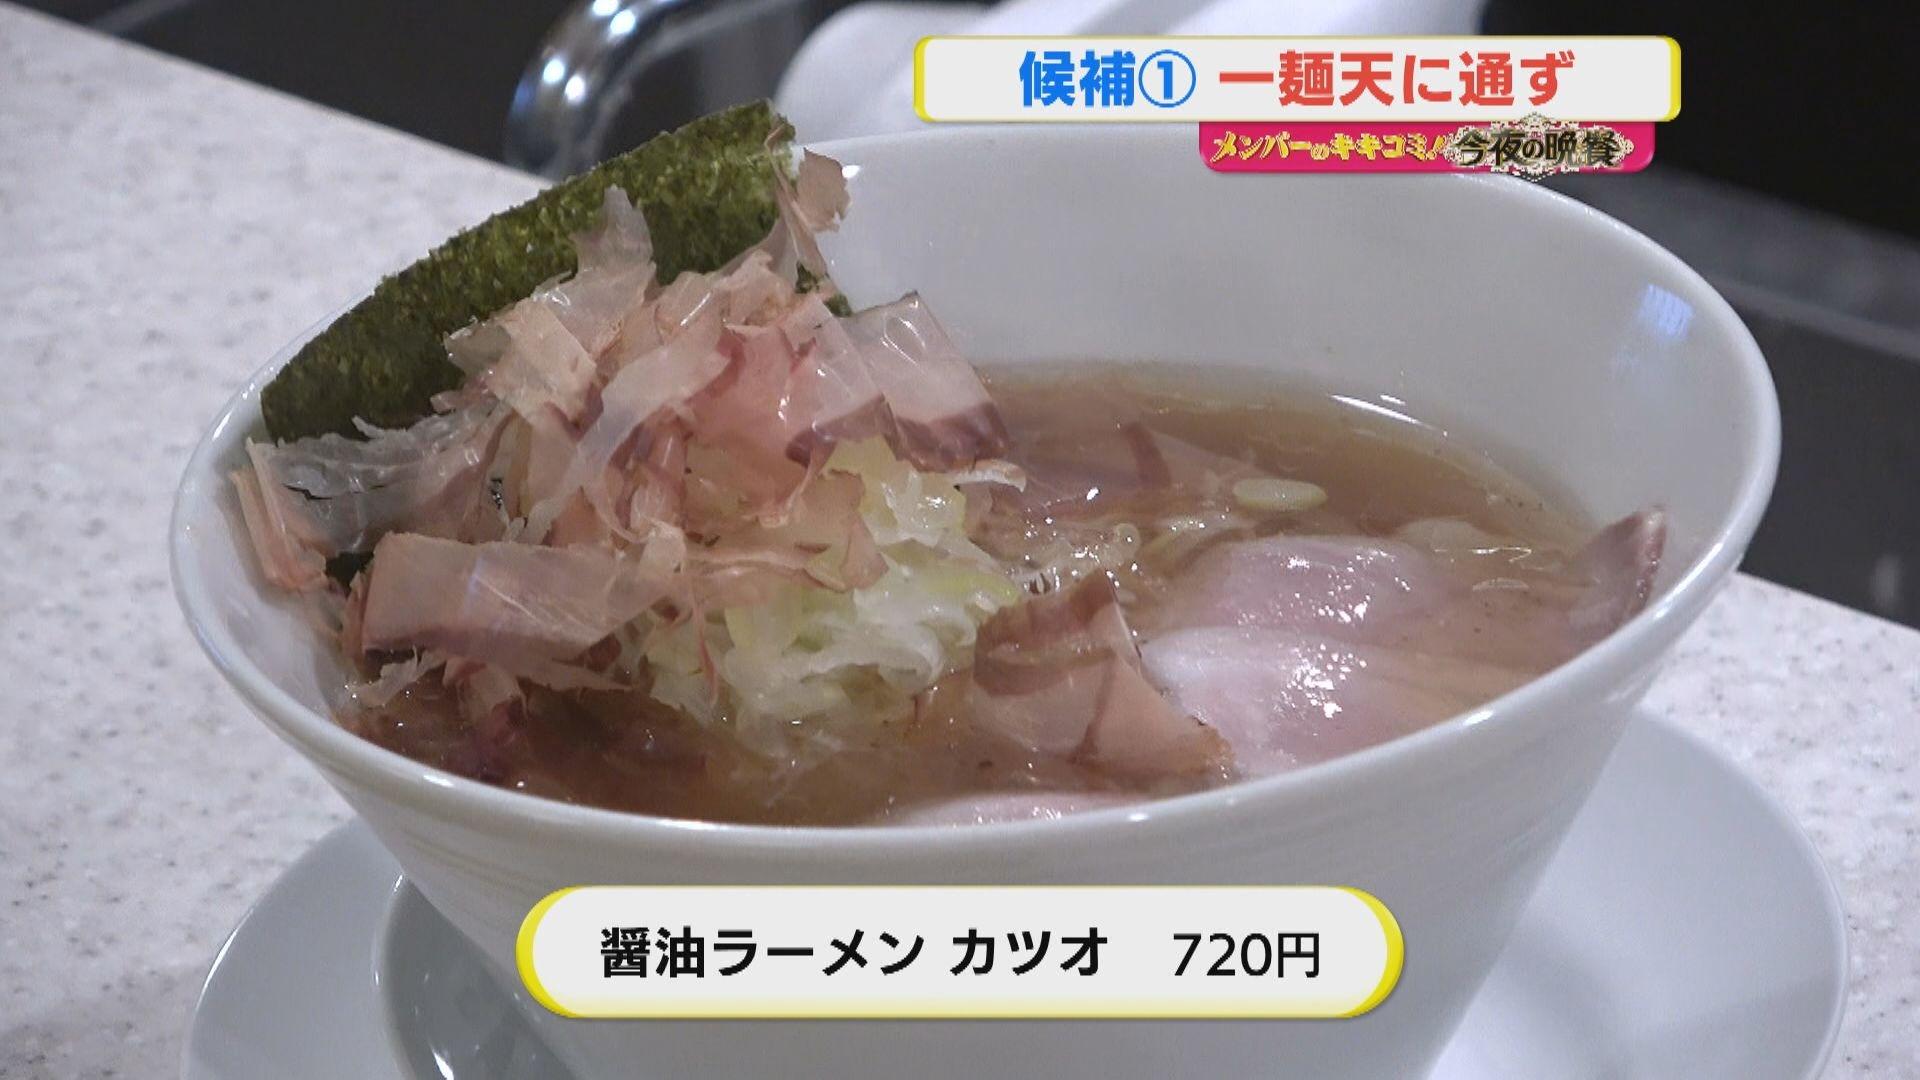 広島 ず 麺 通 天 一 に